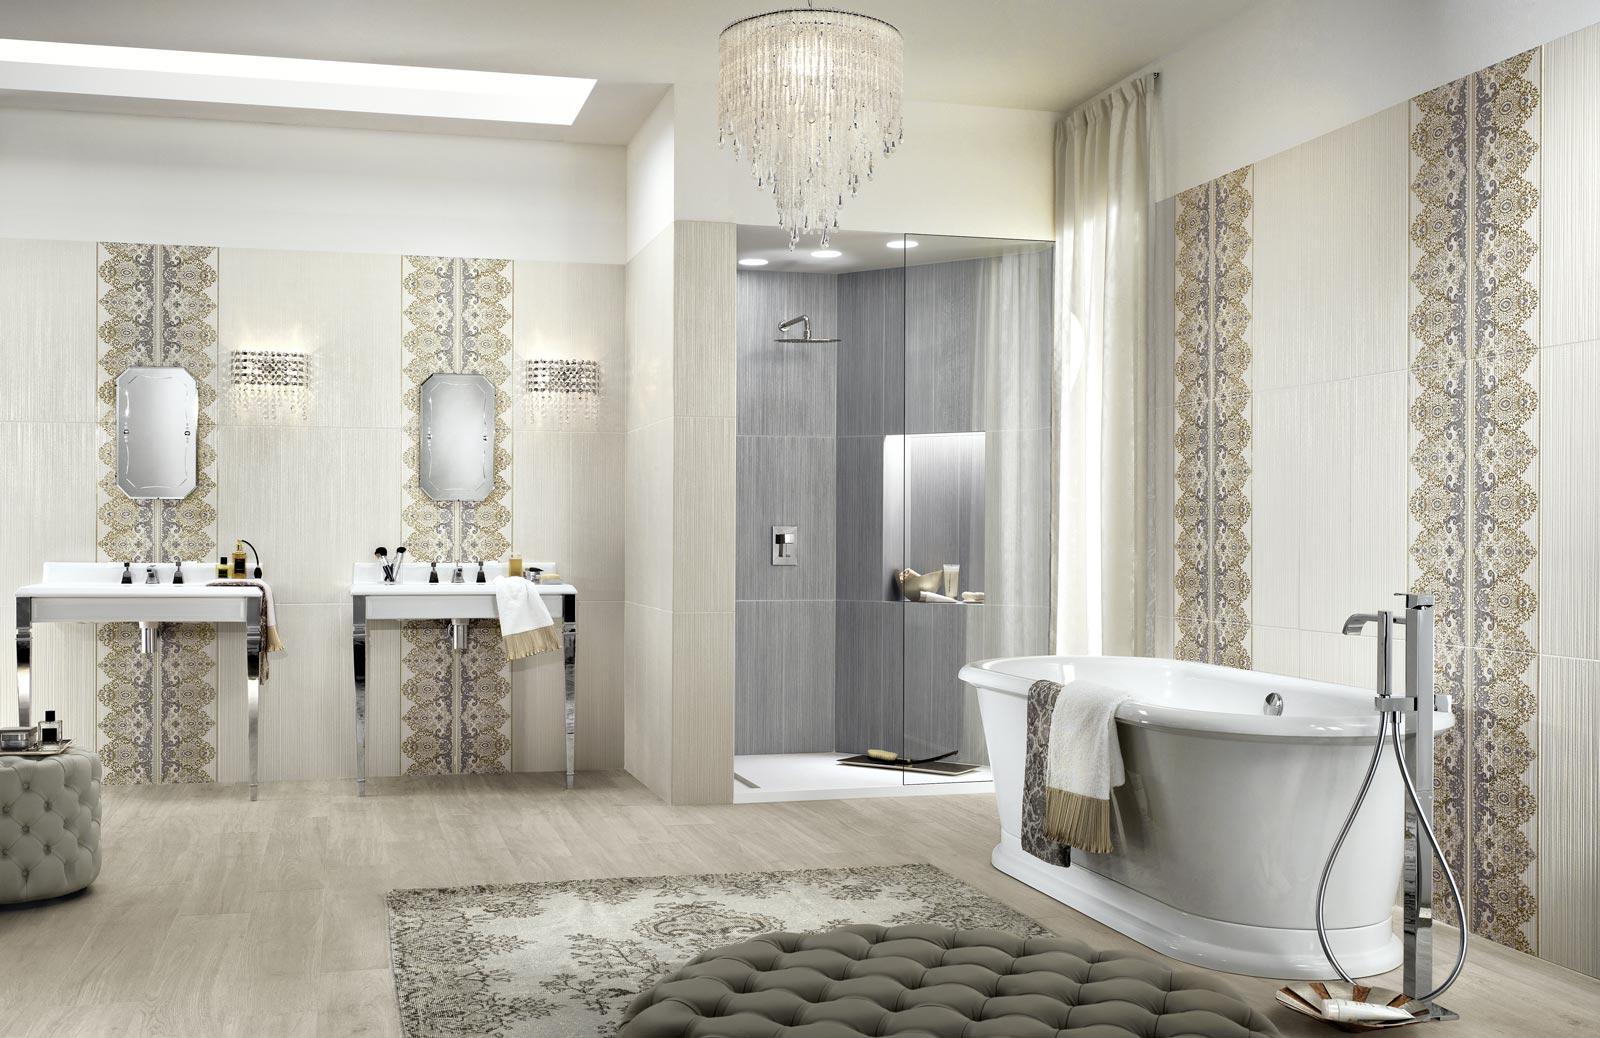 collezione wallpaper rivestimenti classici per il bagno ragno. Black Bedroom Furniture Sets. Home Design Ideas